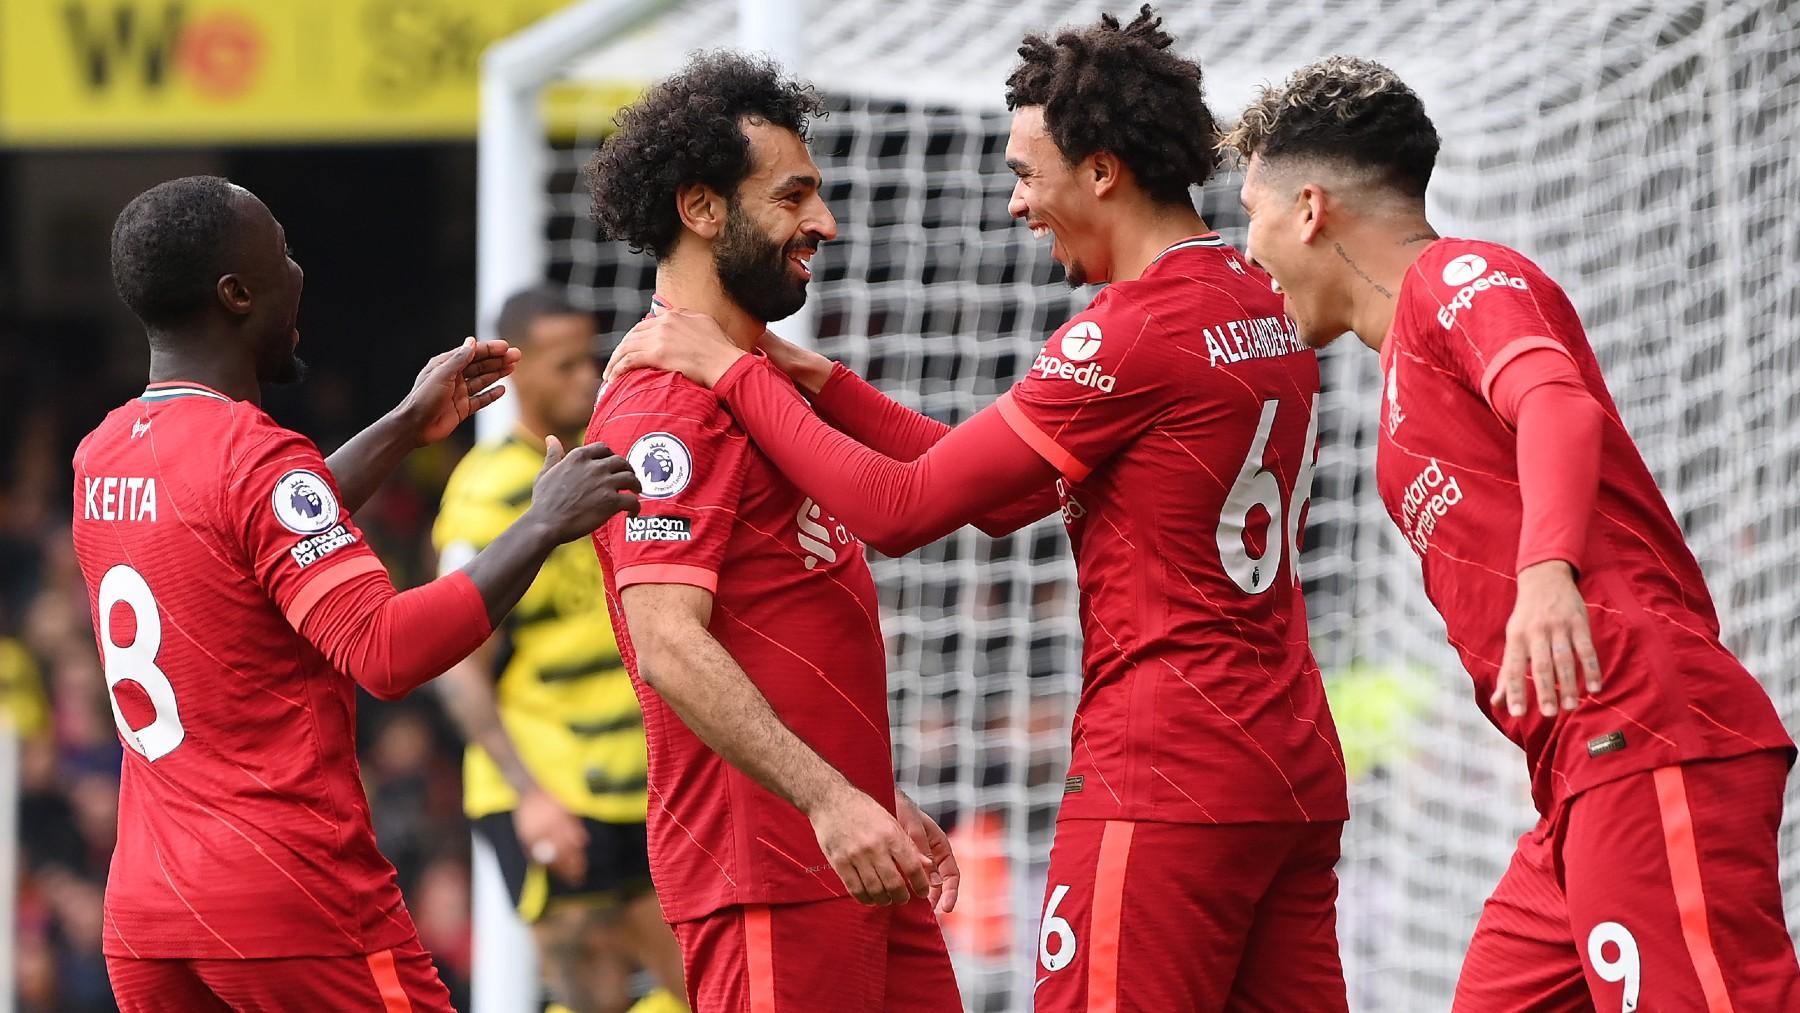 Los jugadores del Liverpool celebran un gol al Watford. (Getty)